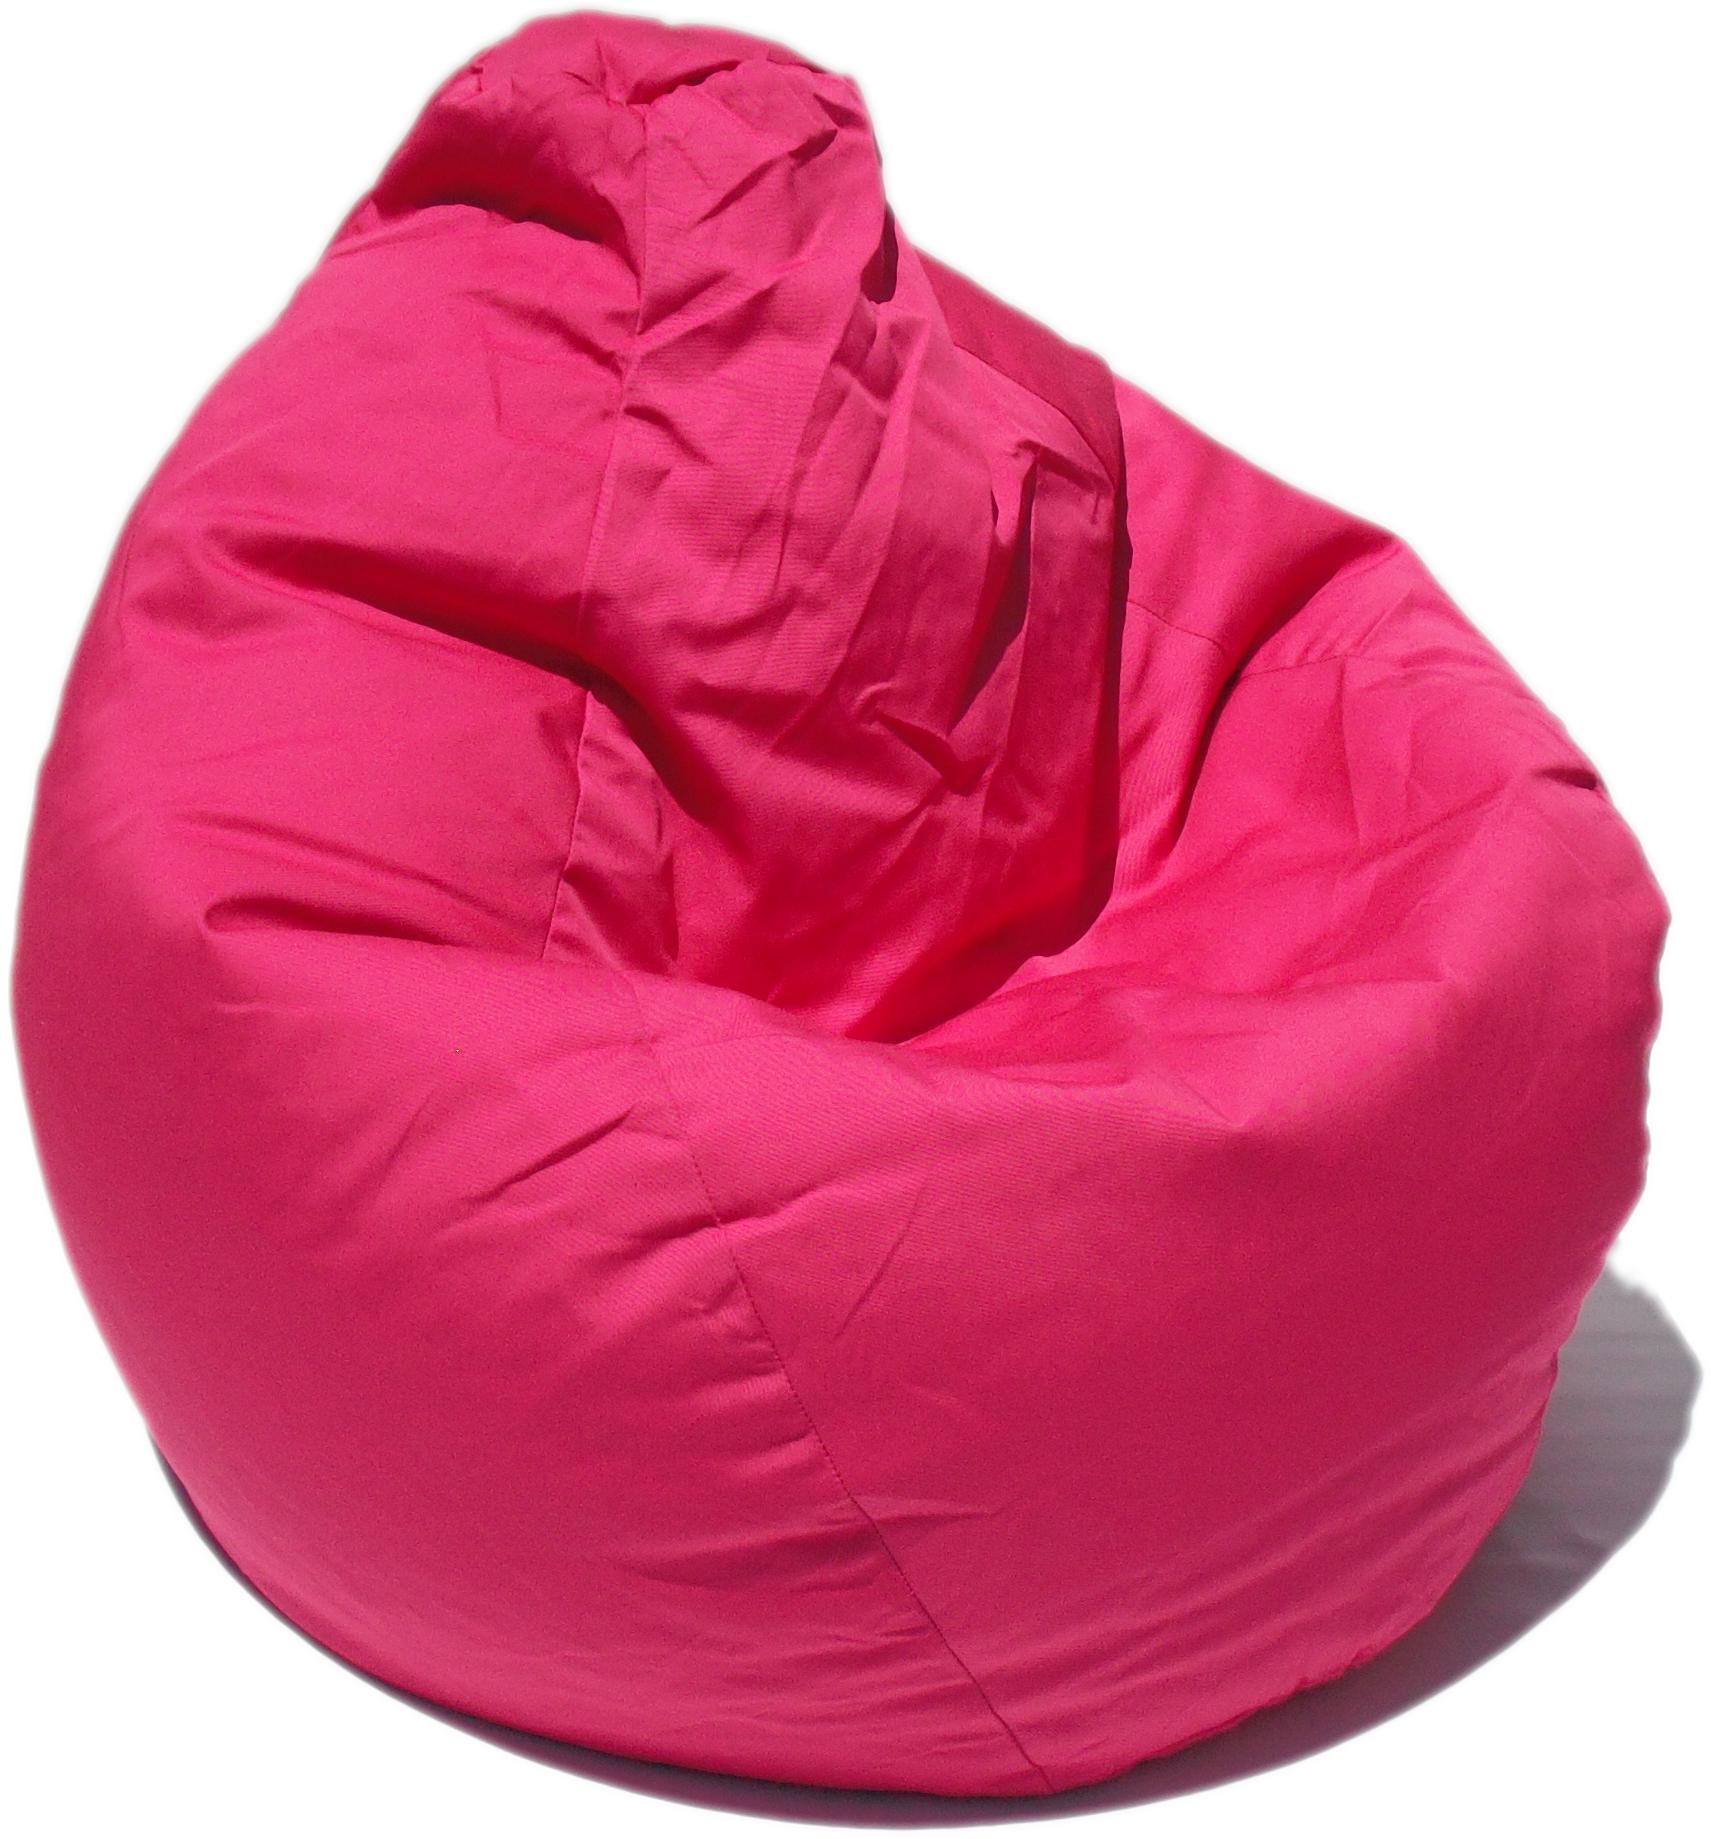 Poly Cotton Pink Bean Bag Chair Bean Bag Chair Bean Bag Chair